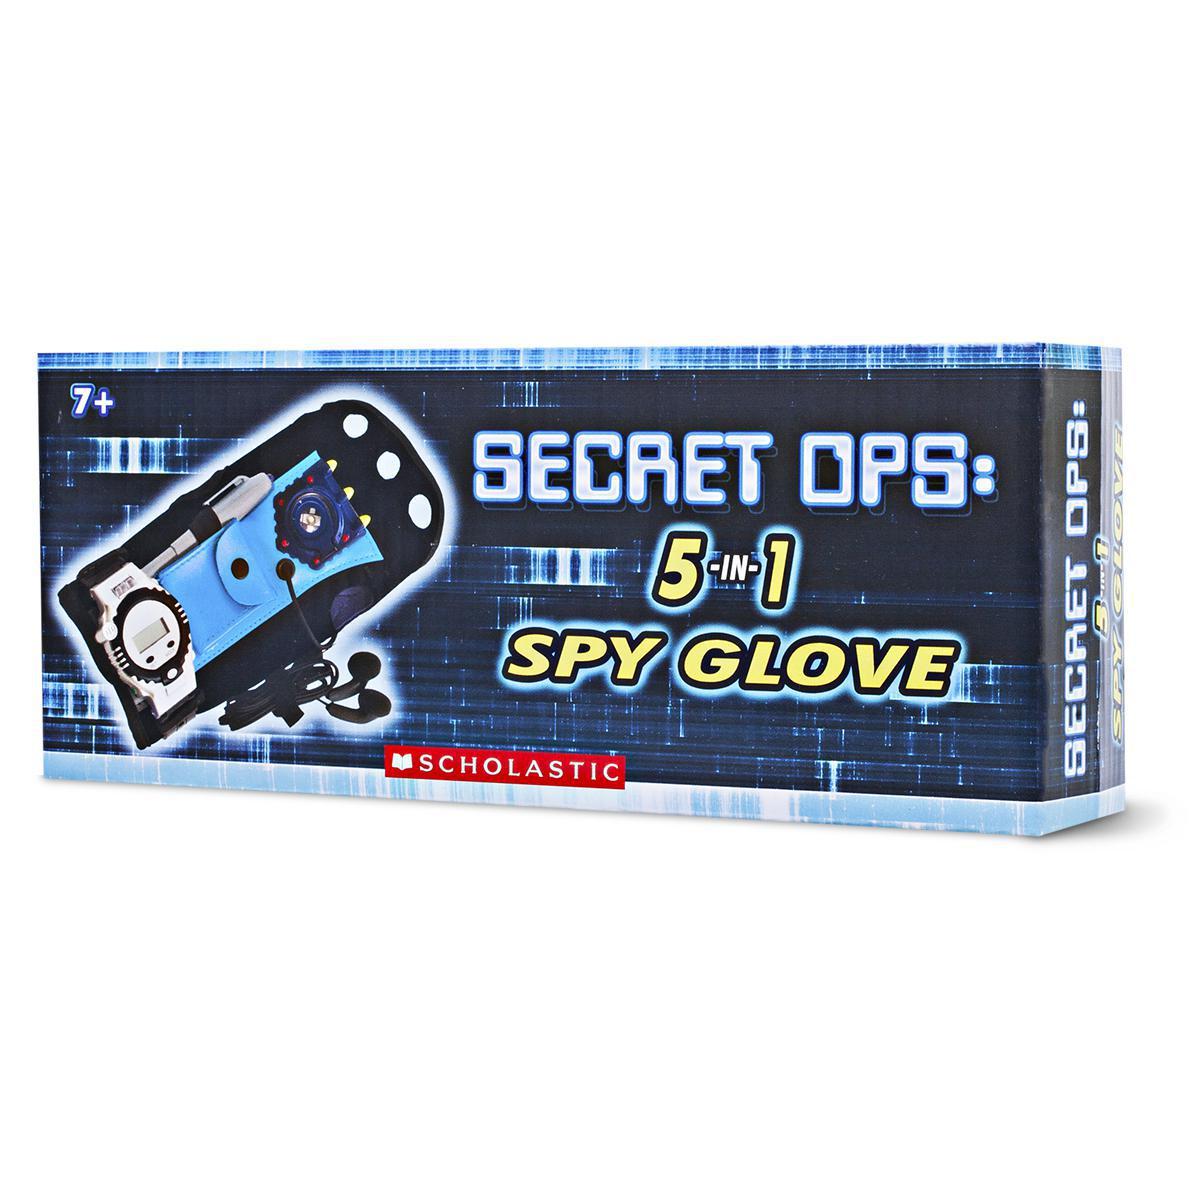 Secret Ops: 5-in-1 Spy Glove